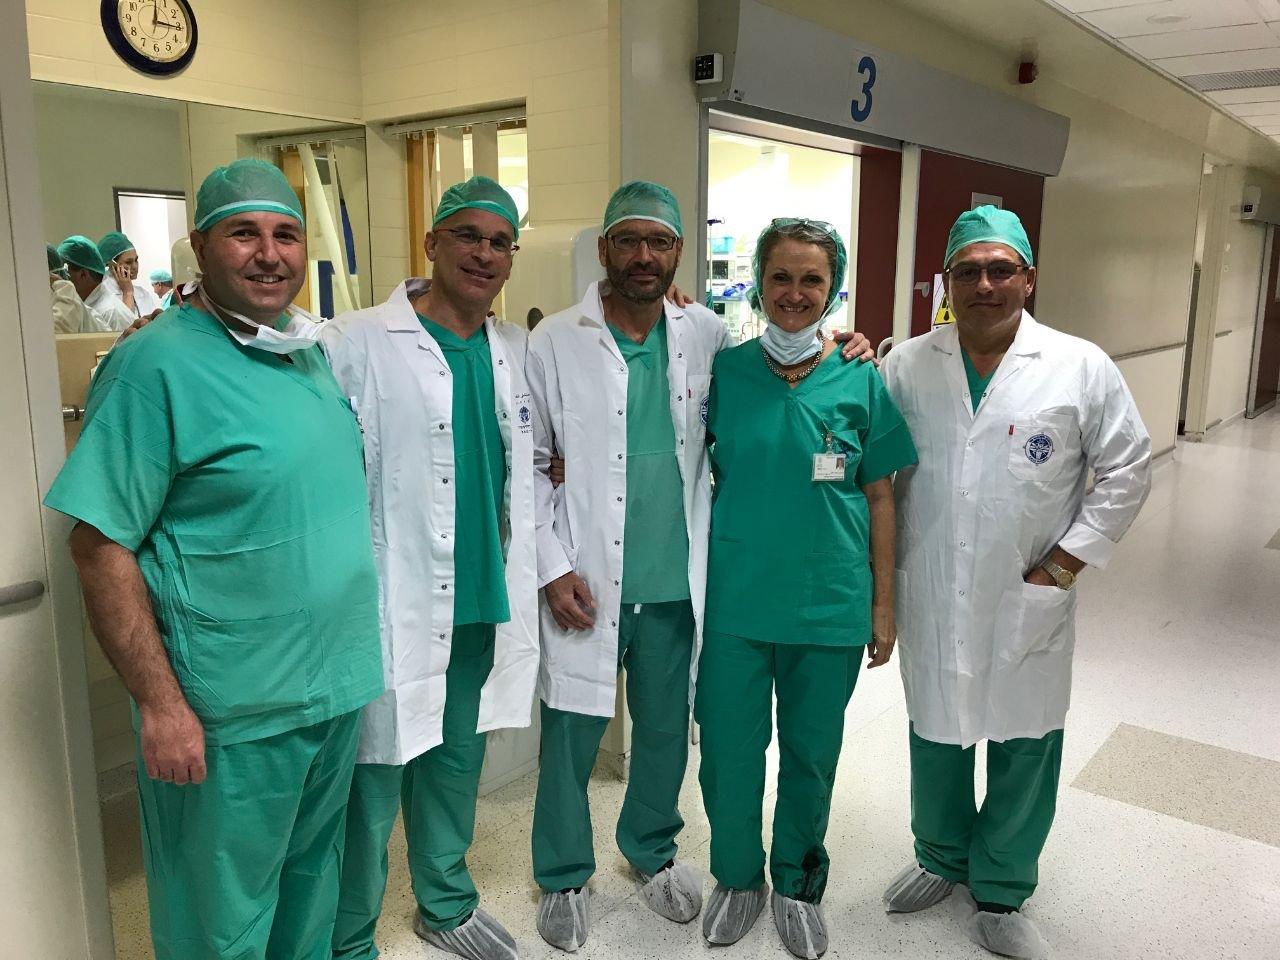 ورشة عمل لأطباء نساء من البلاد في مستشفى الناصرة